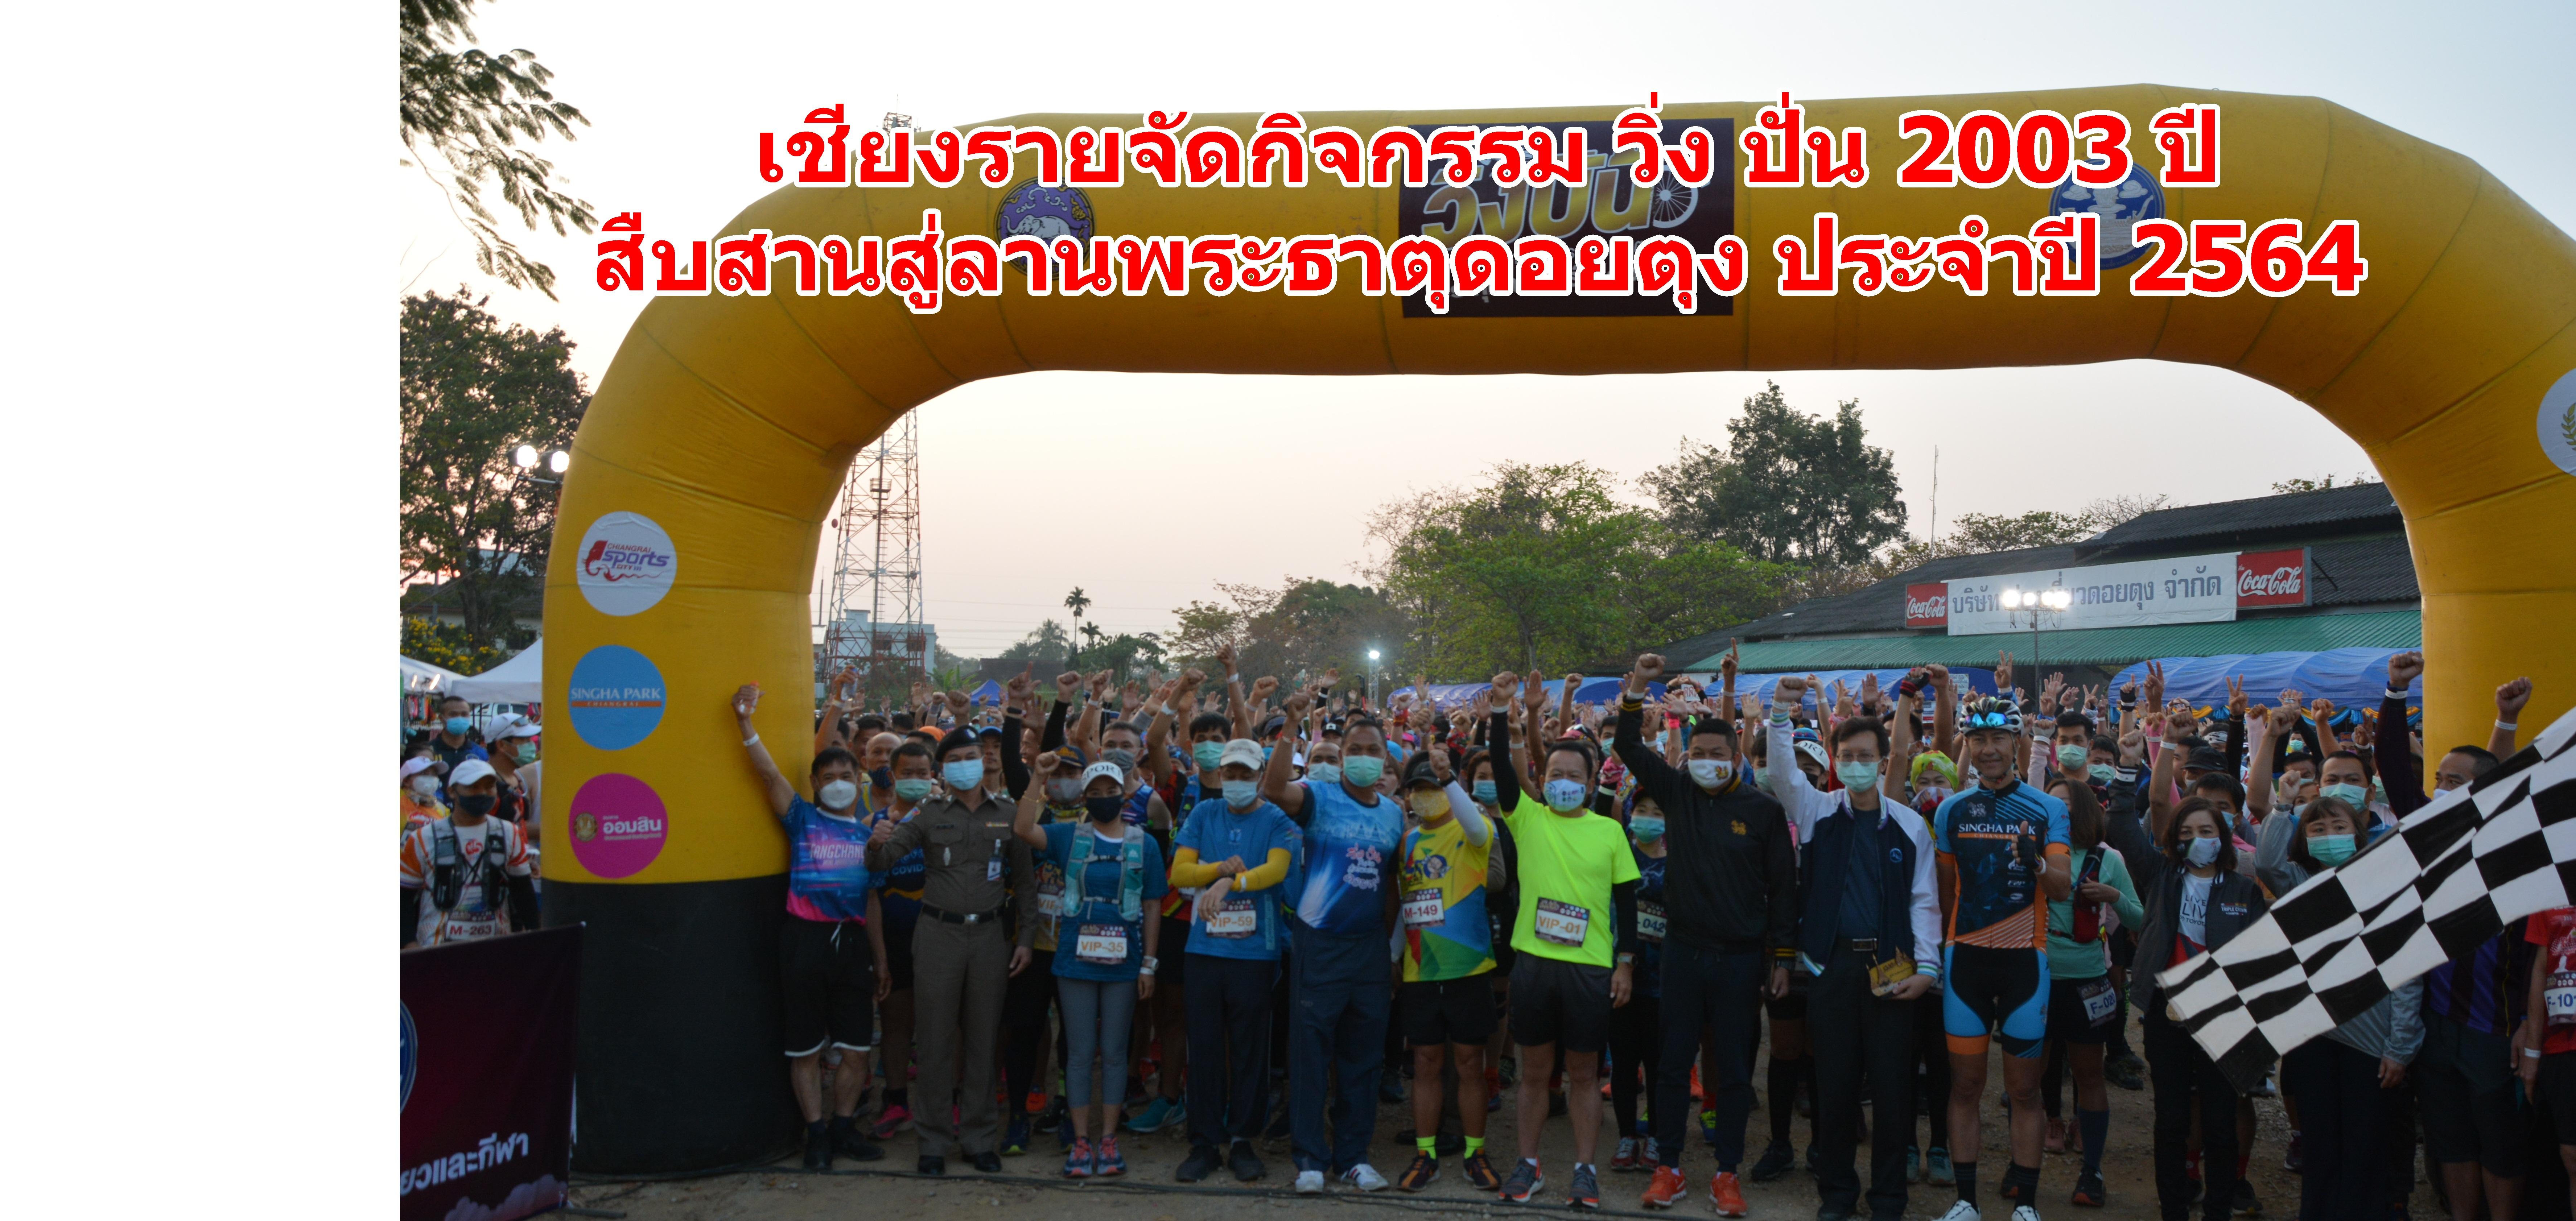 (คลิป) เชียงรายจัดกิจกรรม วิ่ง ปั่น 2003 ปี สืบสานสู่ลานพระธาตุดอยตุง ประจำปี 2564